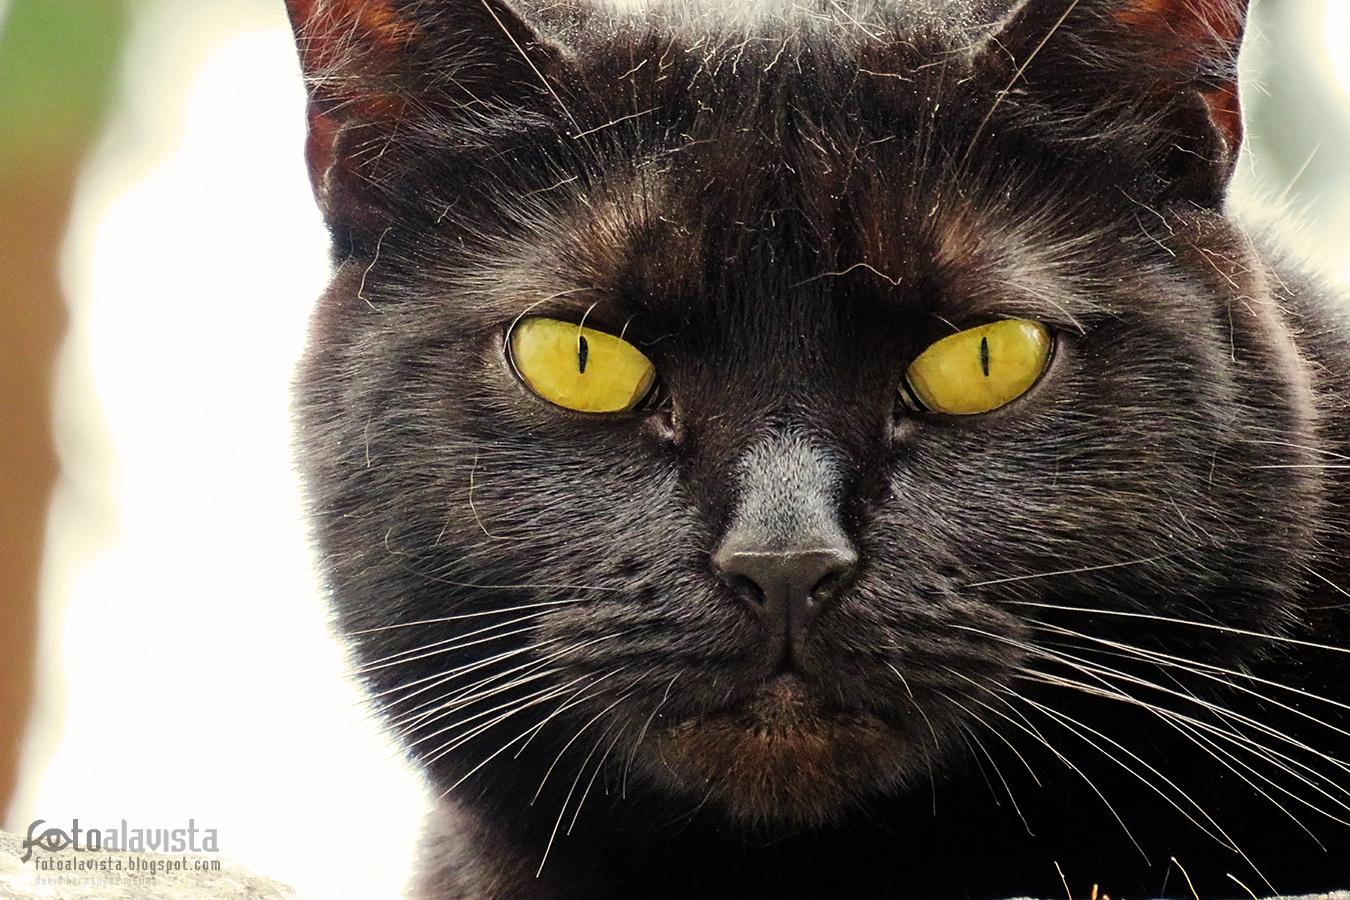 Cabeza de gato callejero - Fotografía